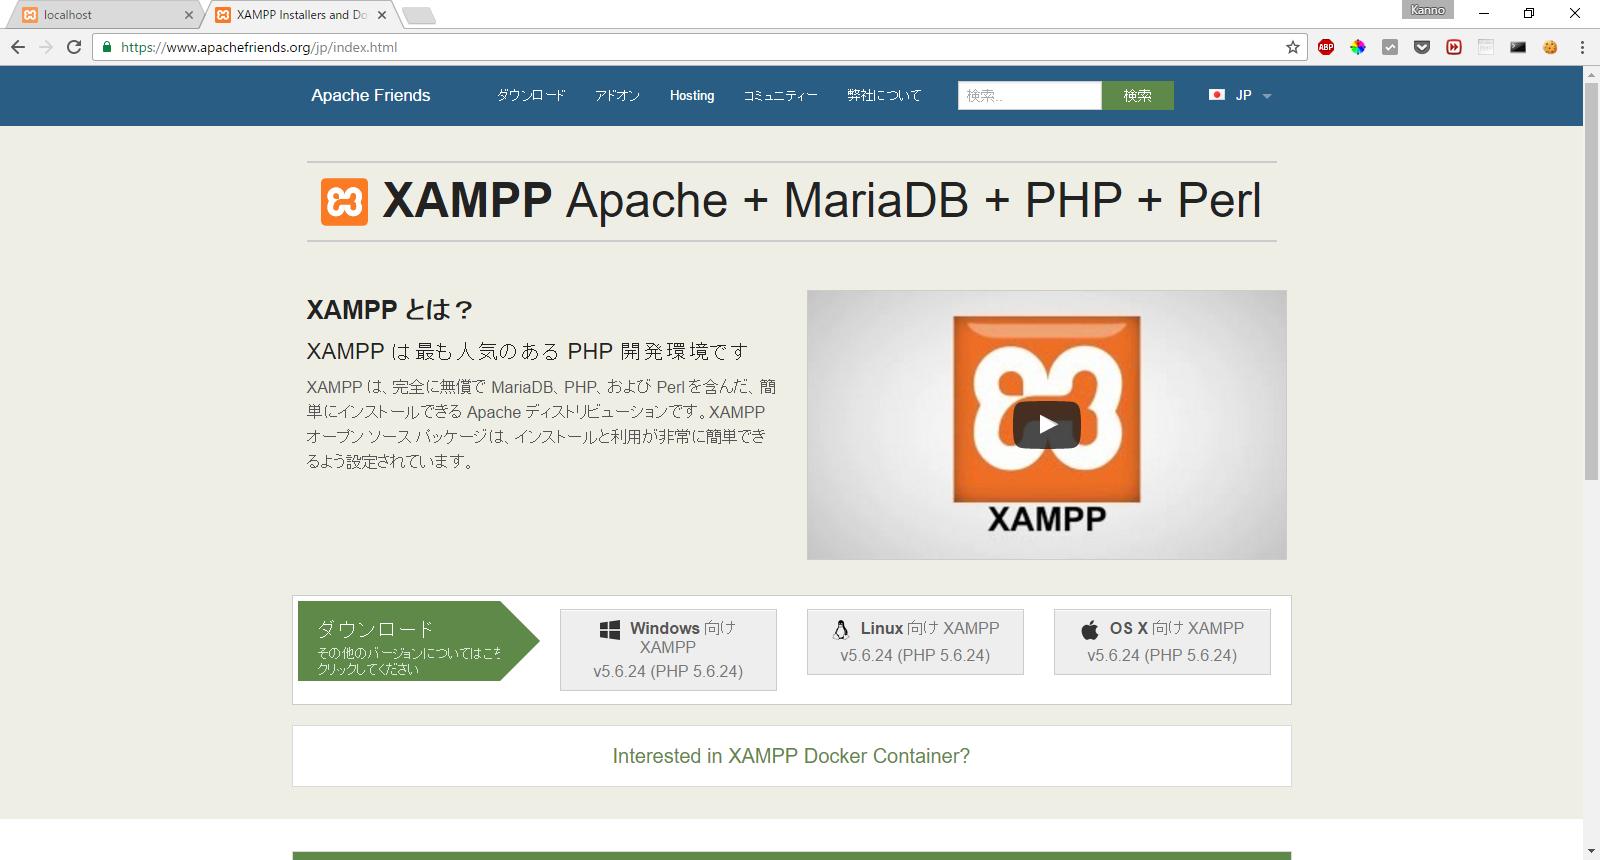 XAMPPのダウンロードページ